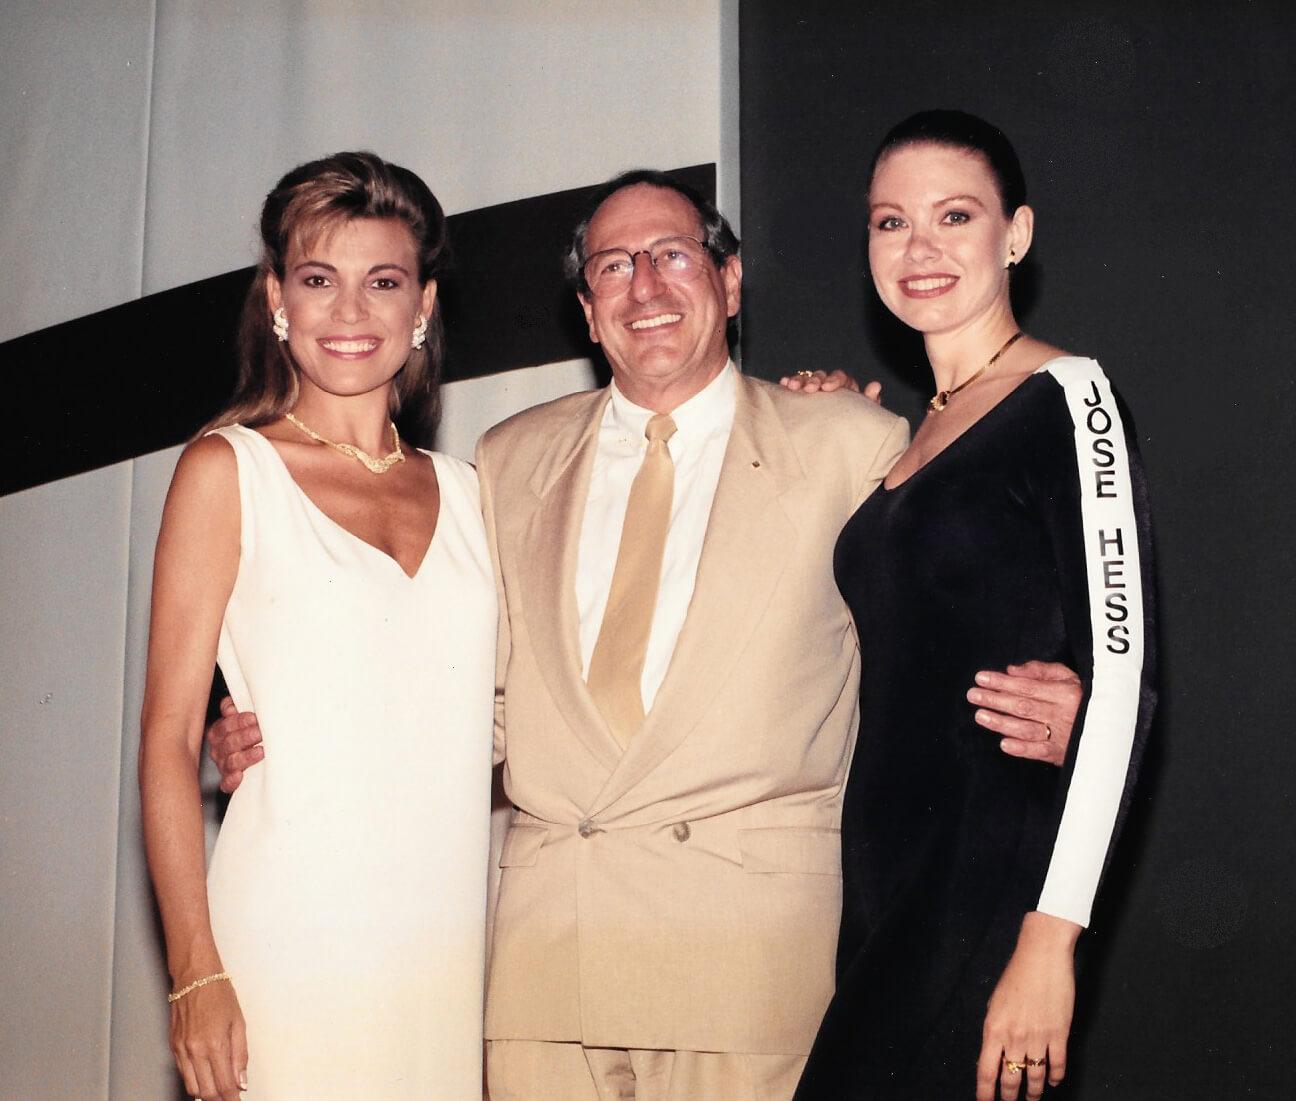 Jose Hess and Vanna White.jpg